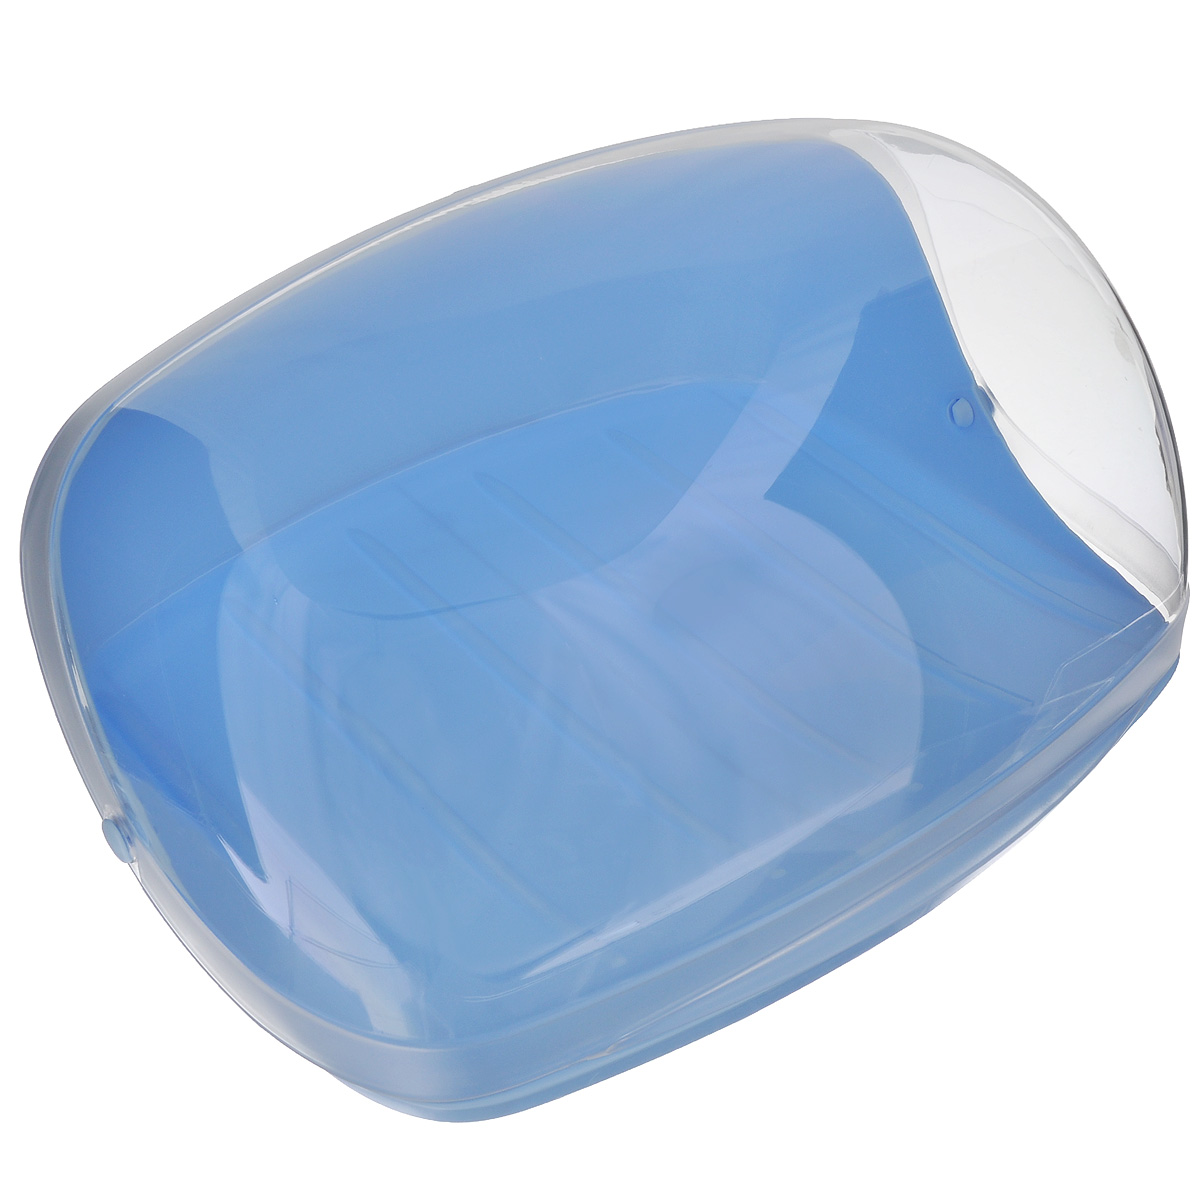 Хлебница Idea, цвет: голубой, прозрачный, 31 см х 24,5 см х 14 см21395599Хлебница Idea, изготовленная из пищевого пластика, обеспечивает идеальные условия хранения для различных видов хлебобулочных изделий, надолго сохраняя их свежесть. Изделие оснащено плотно закрывающейся крышкой, защищая продукты от воздействия внешних факторов (запахов и влаги).Вместительность, функциональность и стильный дизайн позволят хлебнице стать не только незаменимым аксессуаром на кухне, но и предметом украшения интерьера. В ней хлеб всегда останется свежим и вкусным.